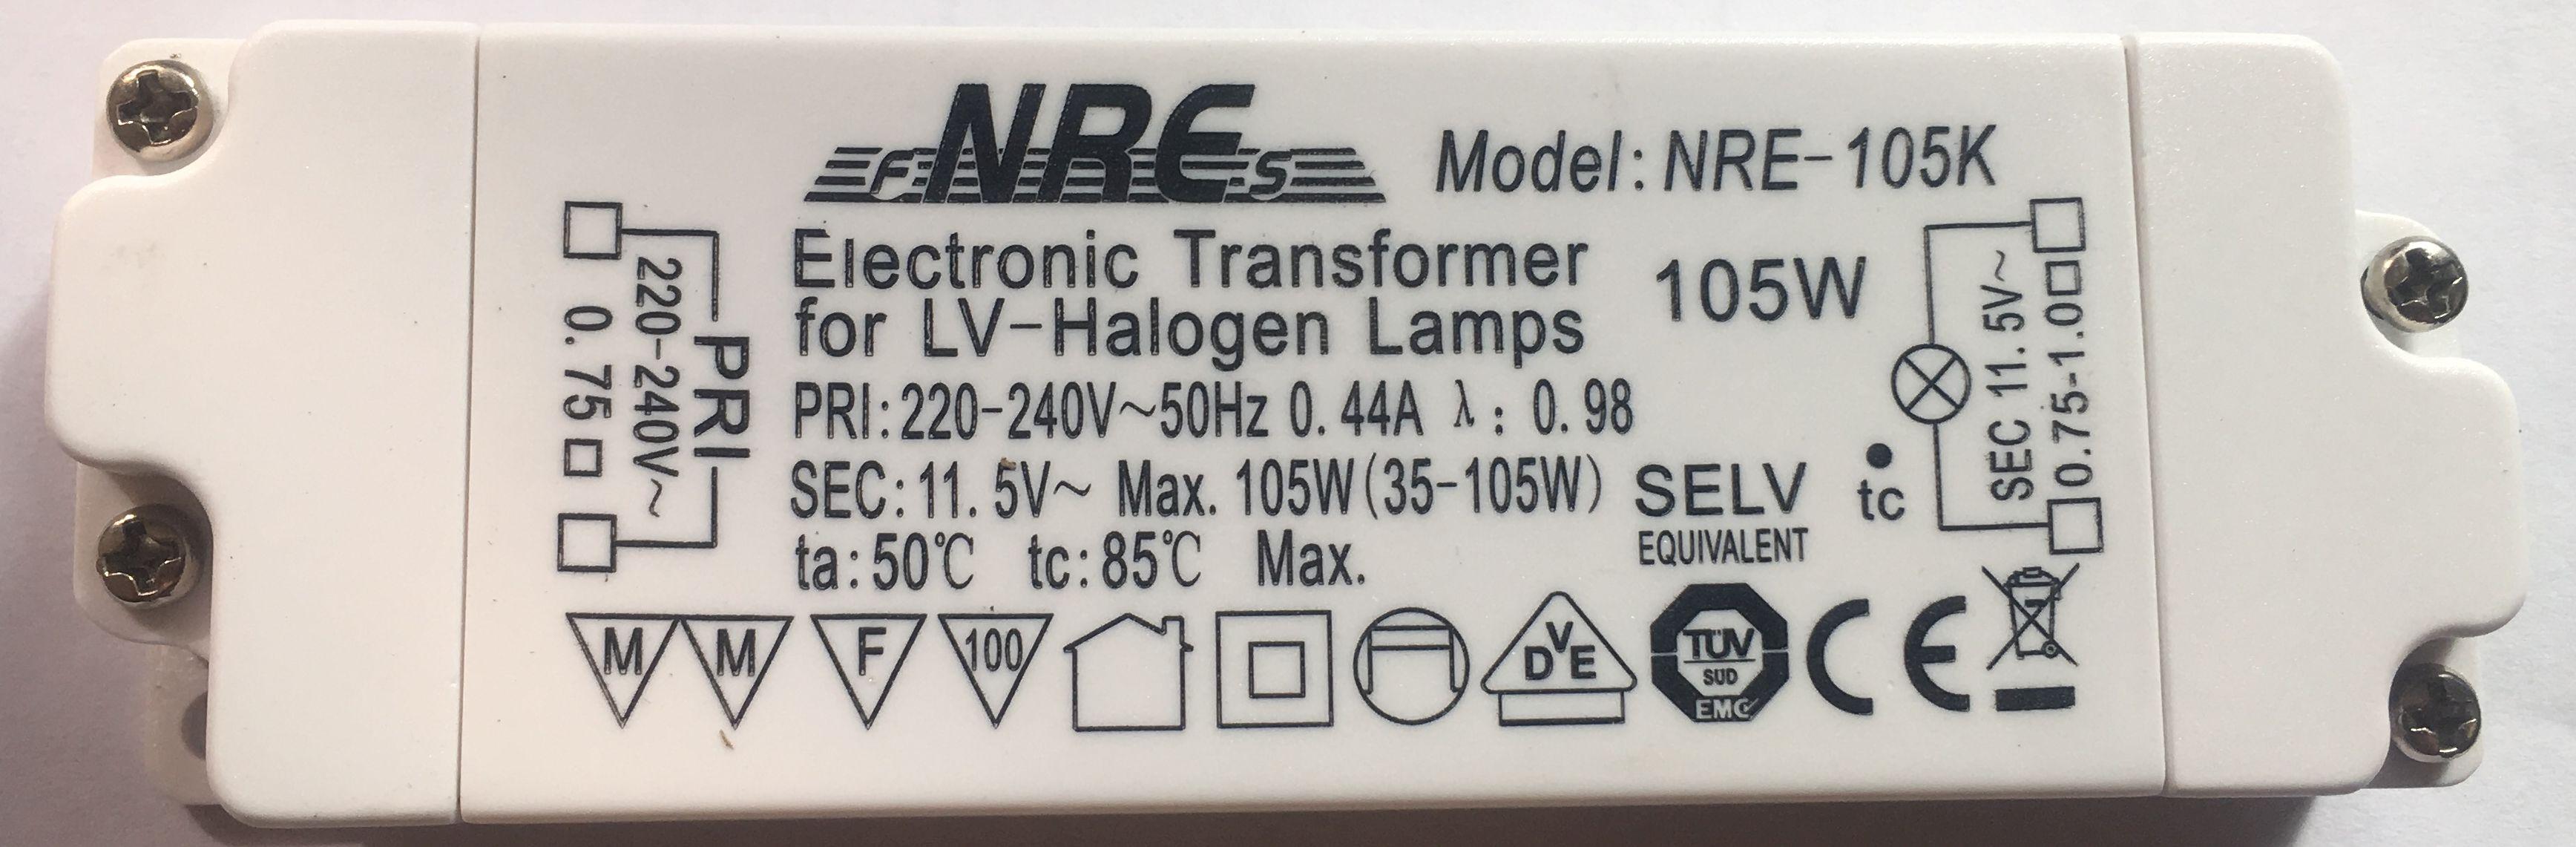 Nre 105 electronic transformer